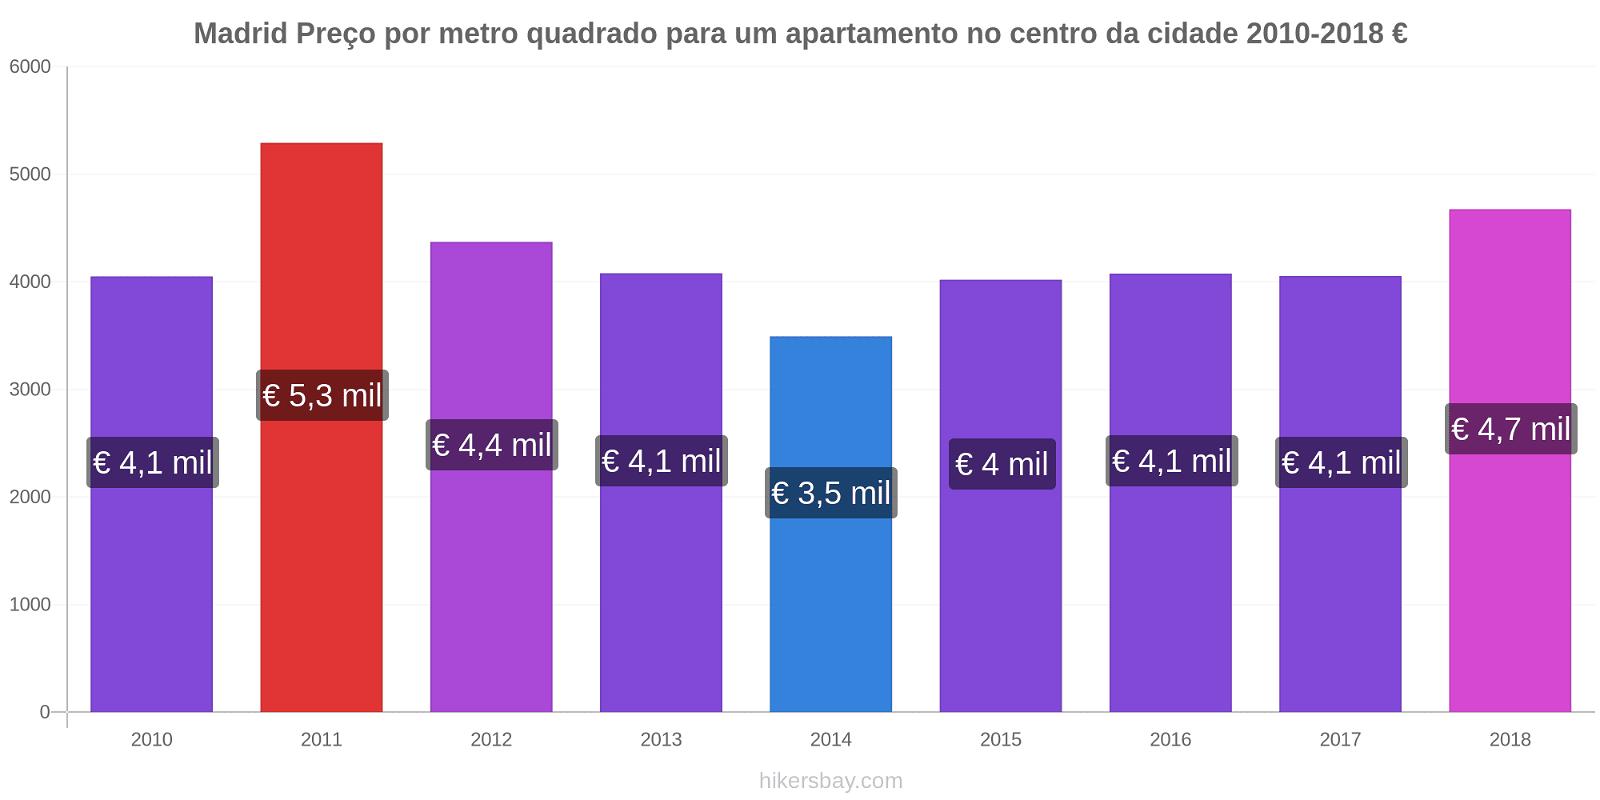 Madrid variação de preço Preço por metro quadrado para um apartamento no centro da cidade hikersbay.com